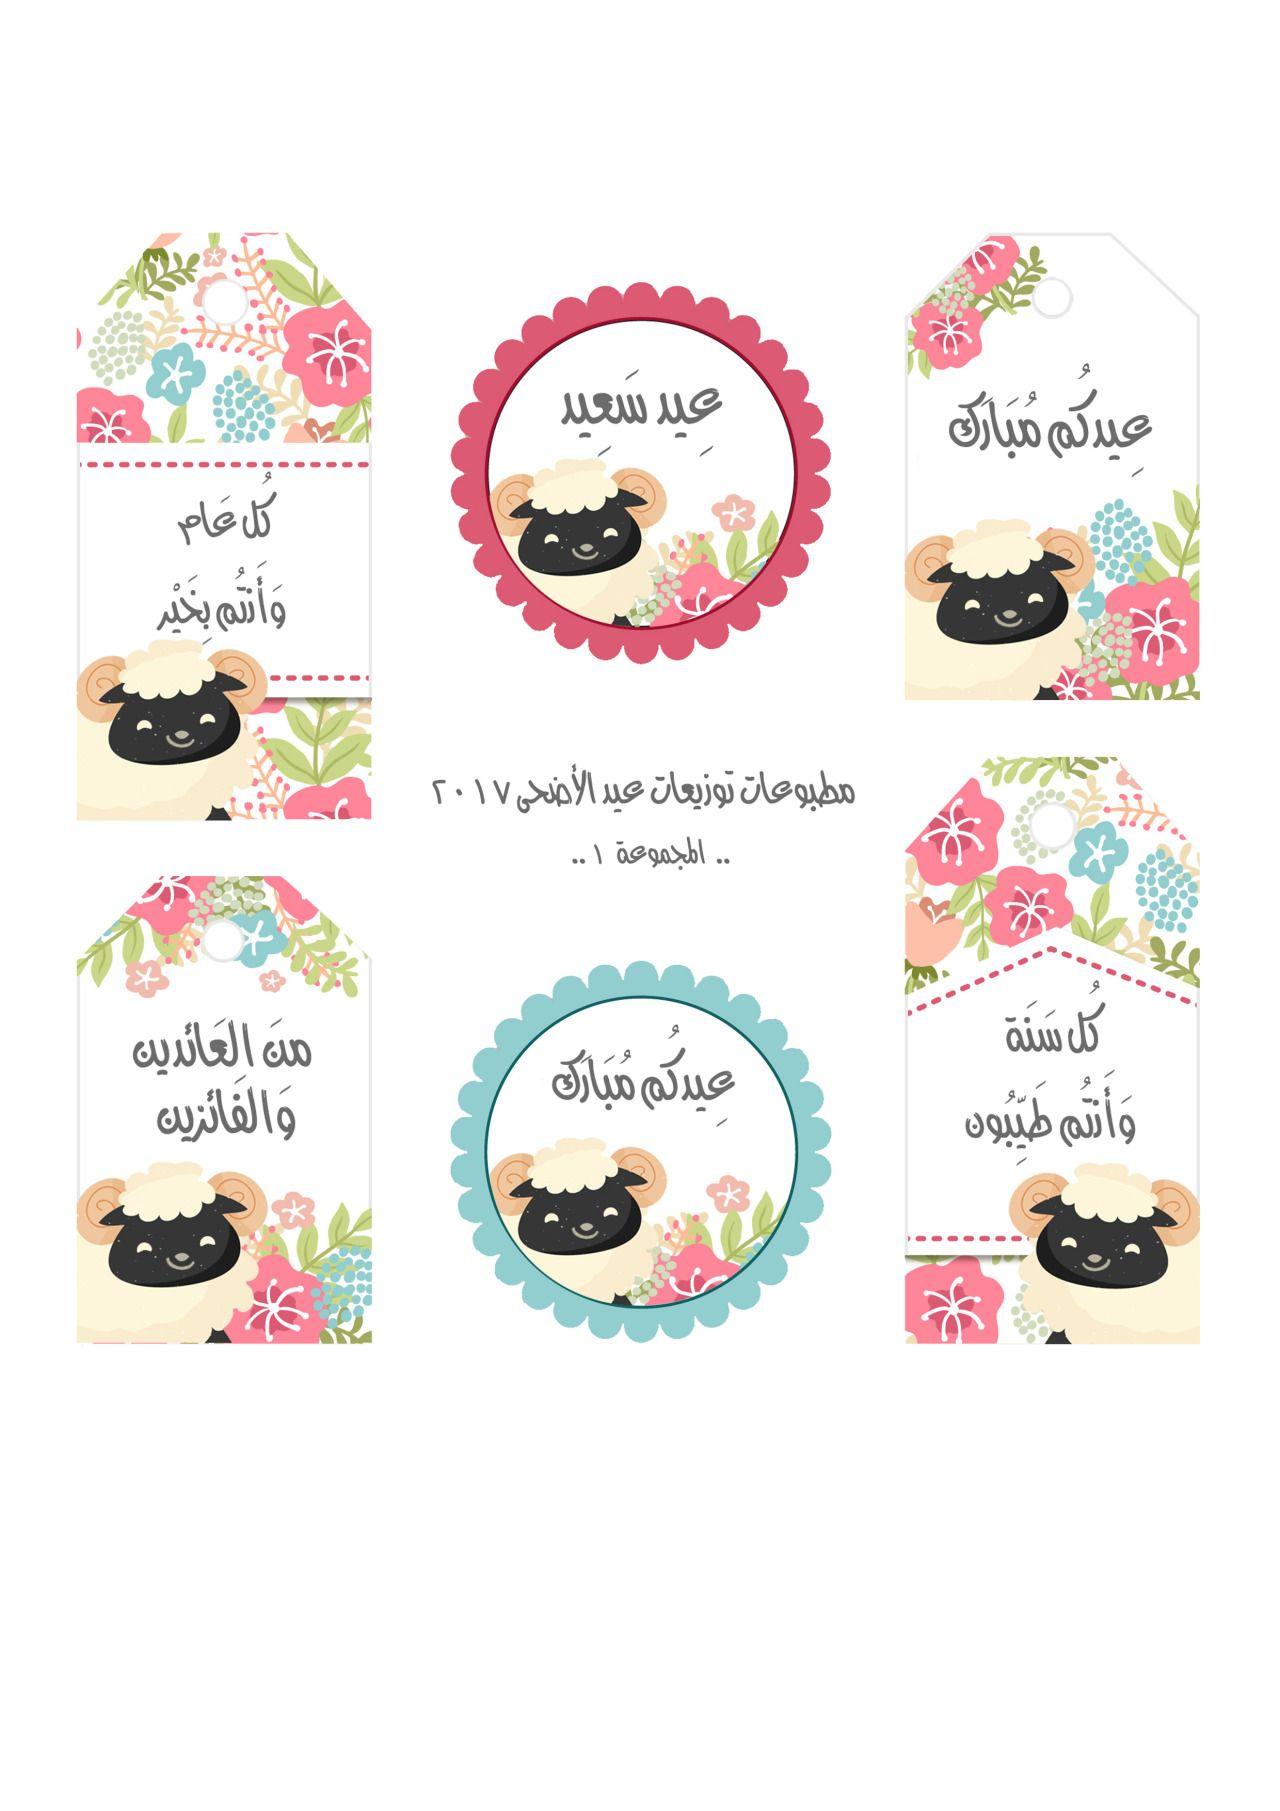 Ideas For Eid أفكار ومطبوعات للعيد Eid Decoration Eid Stickers Diy Eid Decorations